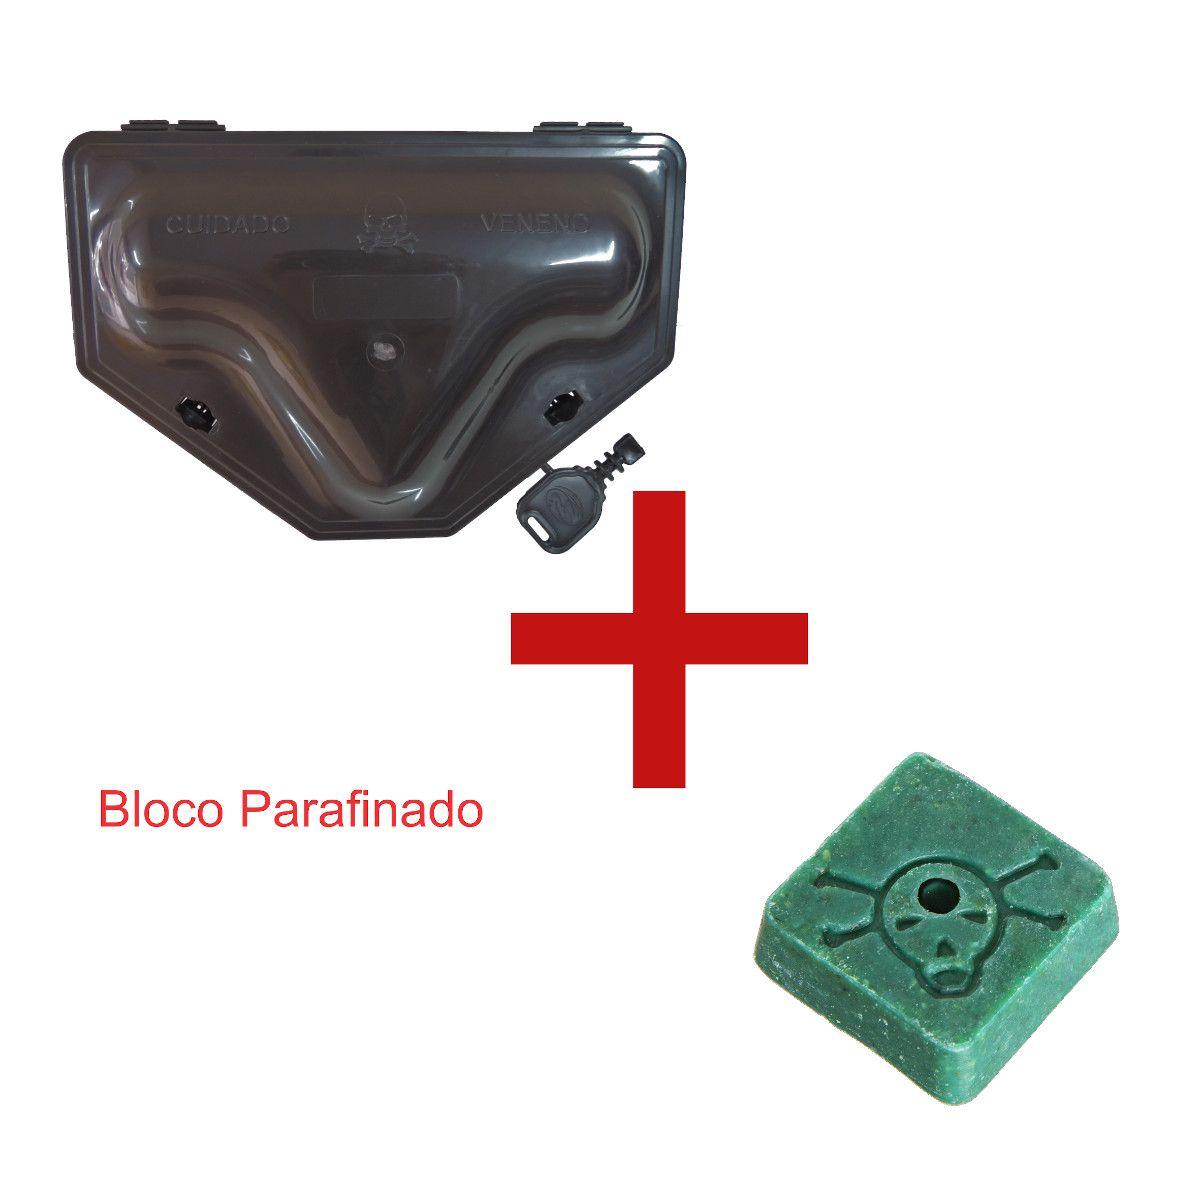 54 Porta Iscas C/ Duplo Travamento + 54 Bloco Parafinado